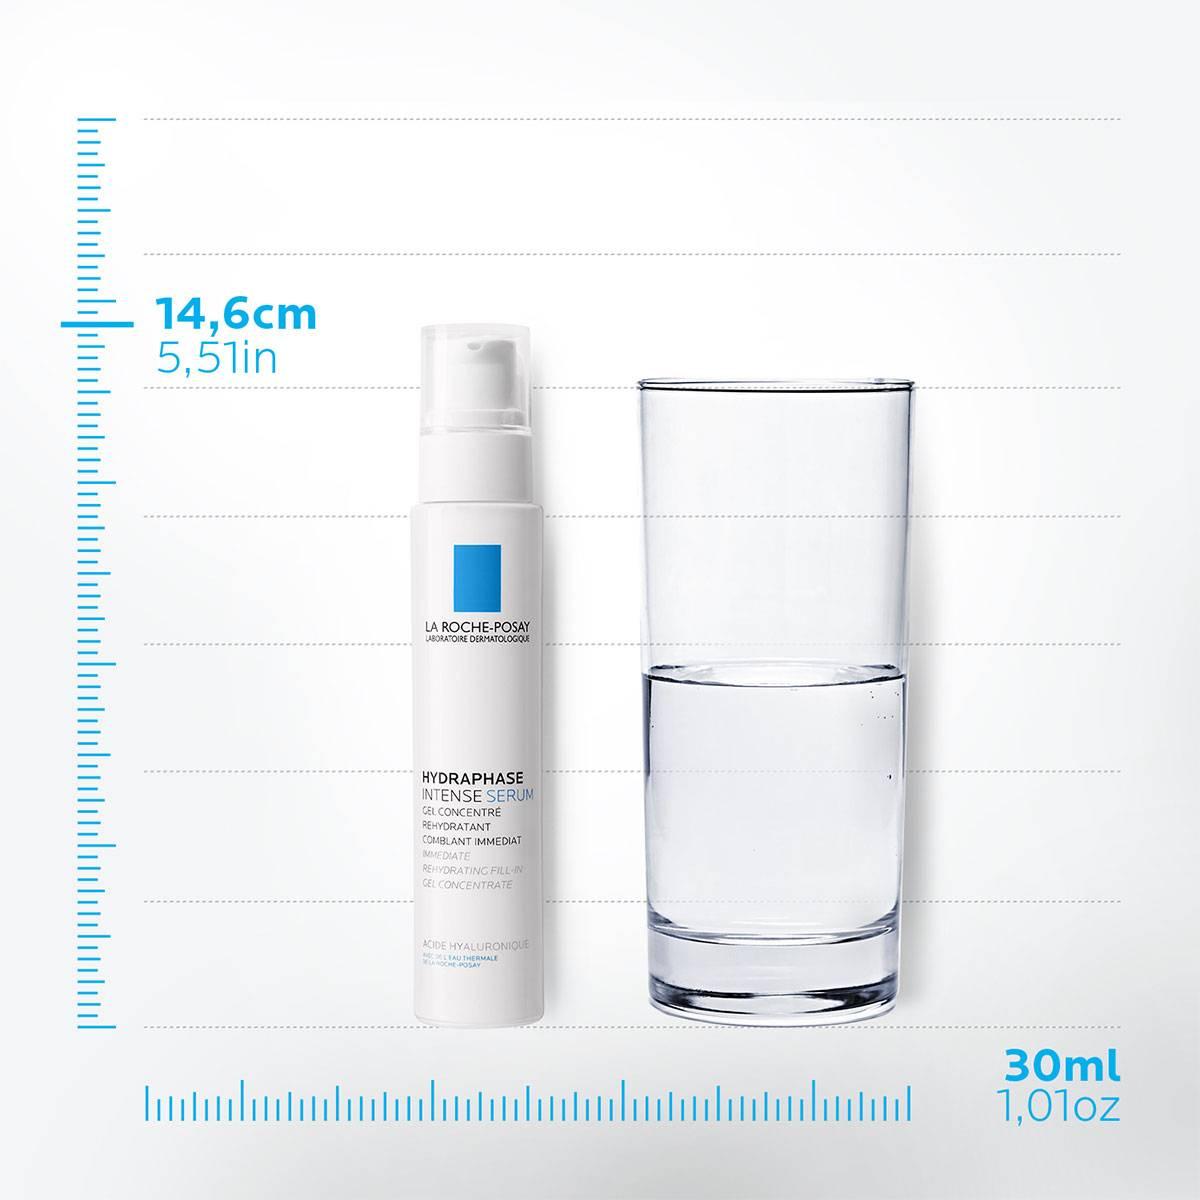 La Roche Posay ProduktSide Hydraphase Intense Moisturizing Serum 30ml